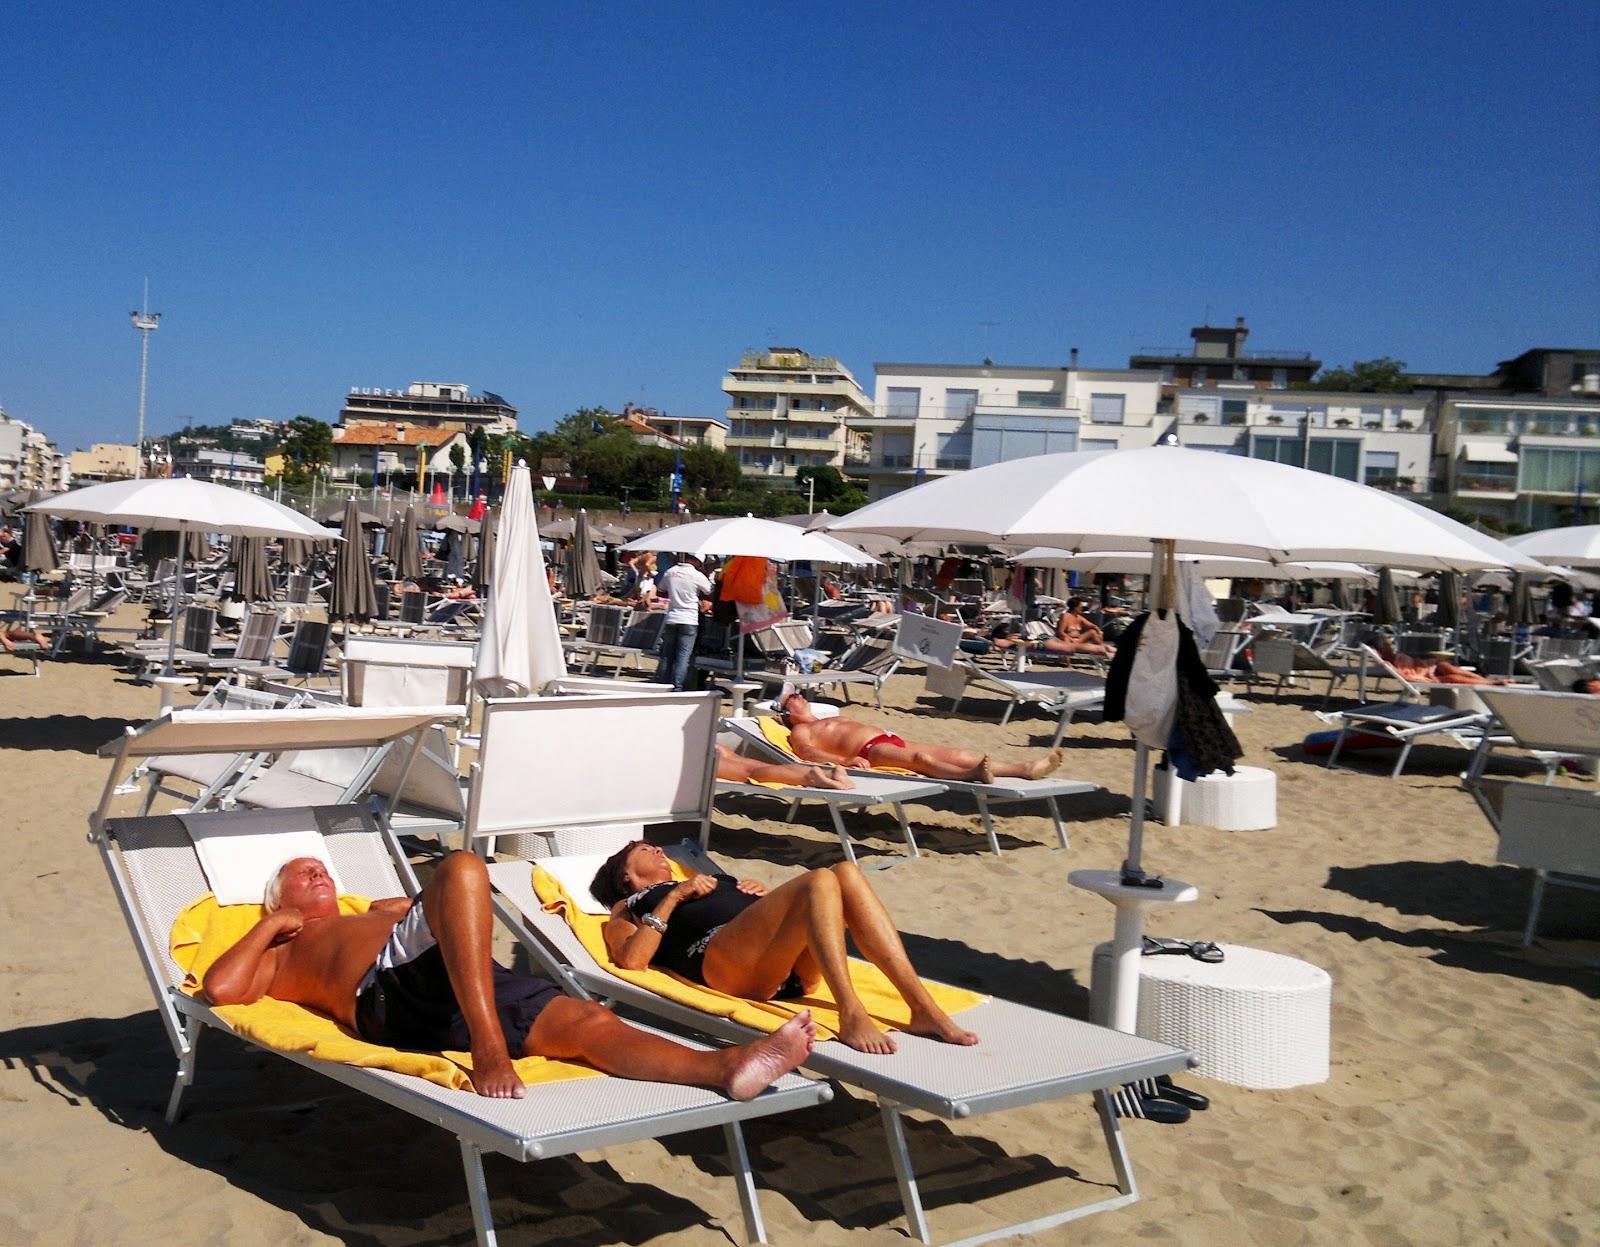 Il blog di park hotel beach bagno 12 un for Hotel meuble park spiaggia